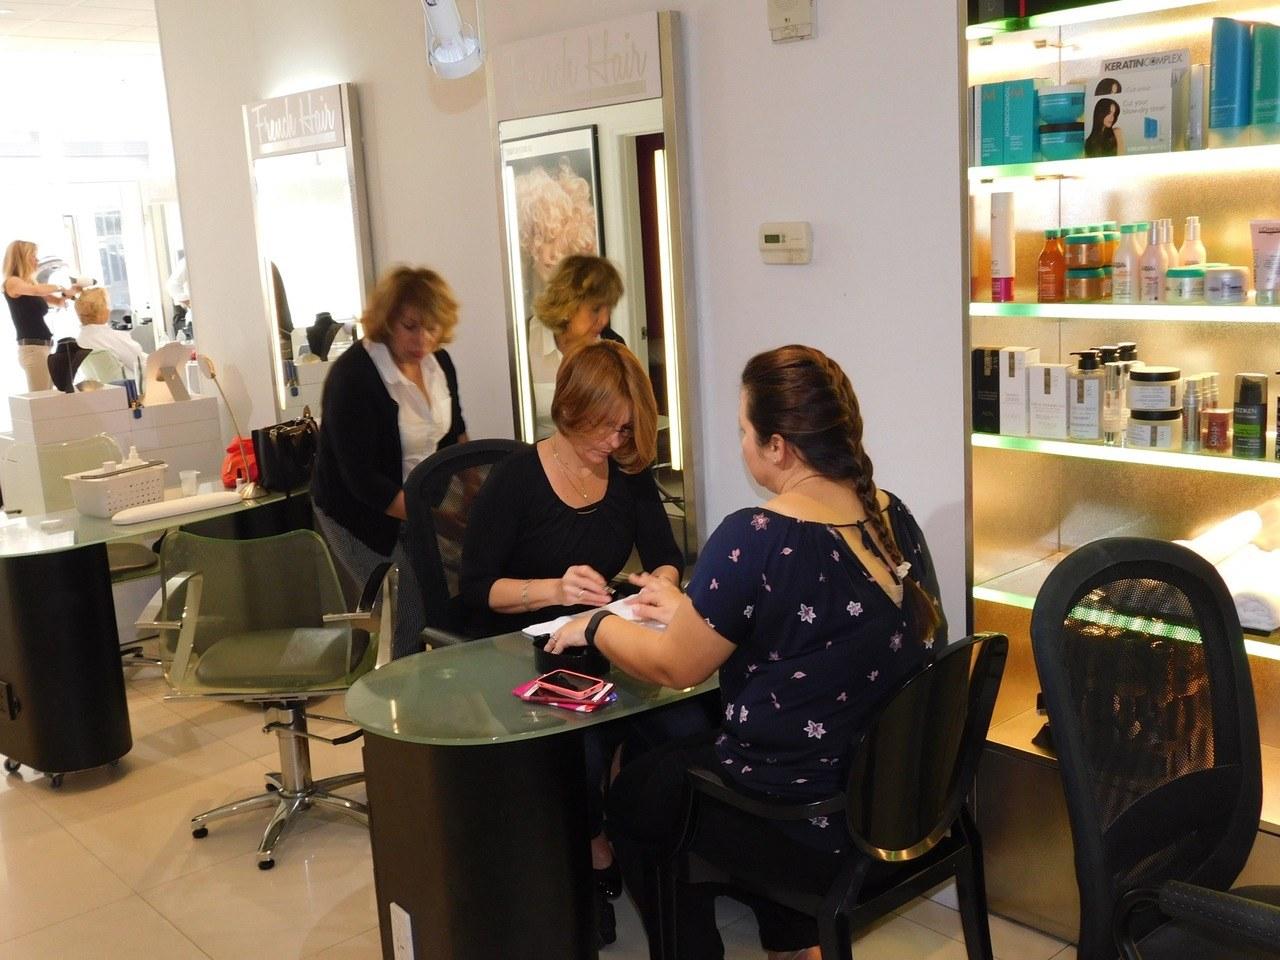 Le grand salon de coiffure spa de miami brickell - Nombre de salons de coiffure en france ...